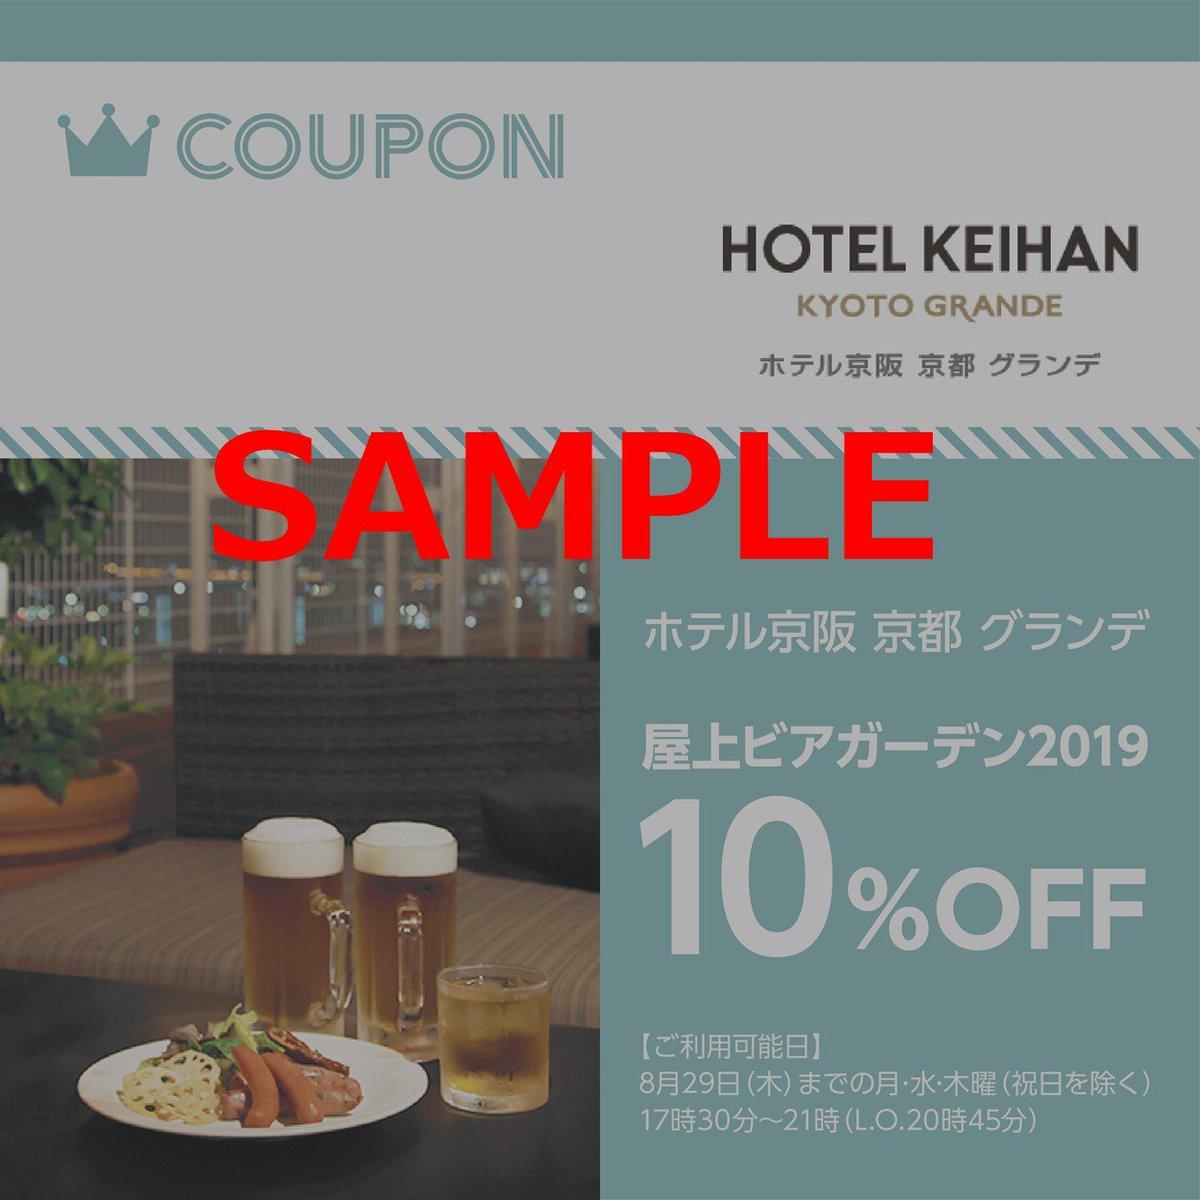 test ツイッターメディア - \ビアガーデンのクーポン配信中!/ 「ホテル京阪 京都 グランデ」の屋上ビアガーデンを10%OFFでご利用いただけるクーポンを京阪電車のLINE公式アカウントで配信しています。 友だち登録していただくとその場ですぐにゲットできます! ⇒ https://t.co/swQi2HX1Aa https://t.co/oYCI8M2Zyw